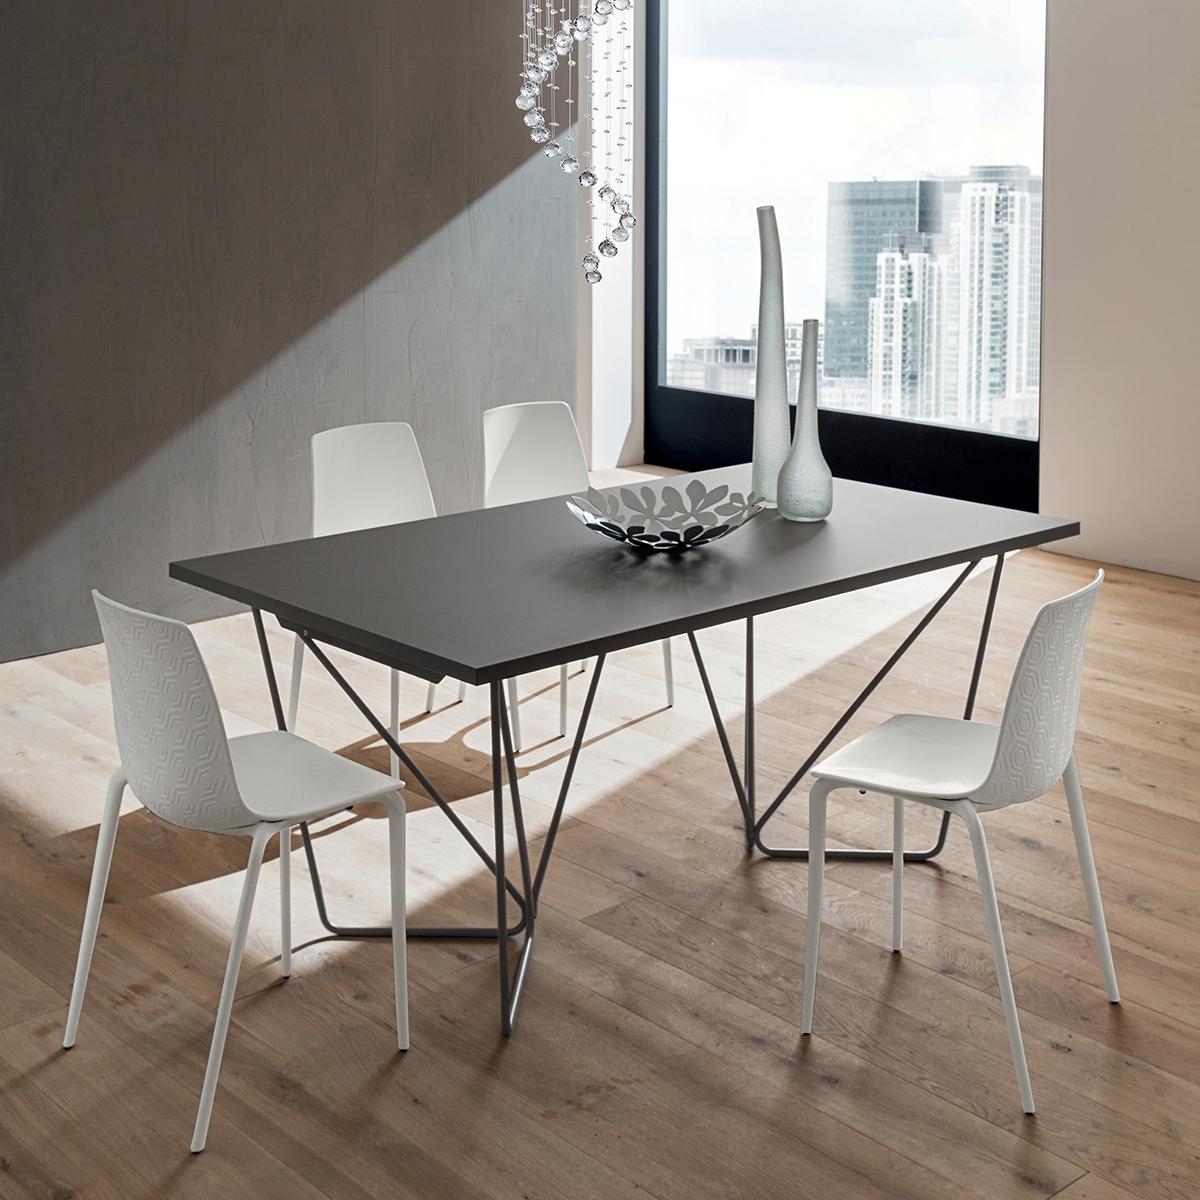 denis tavolo di alto design ricercato e moderno interno77 soluzioni d 39 arredo. Black Bedroom Furniture Sets. Home Design Ideas